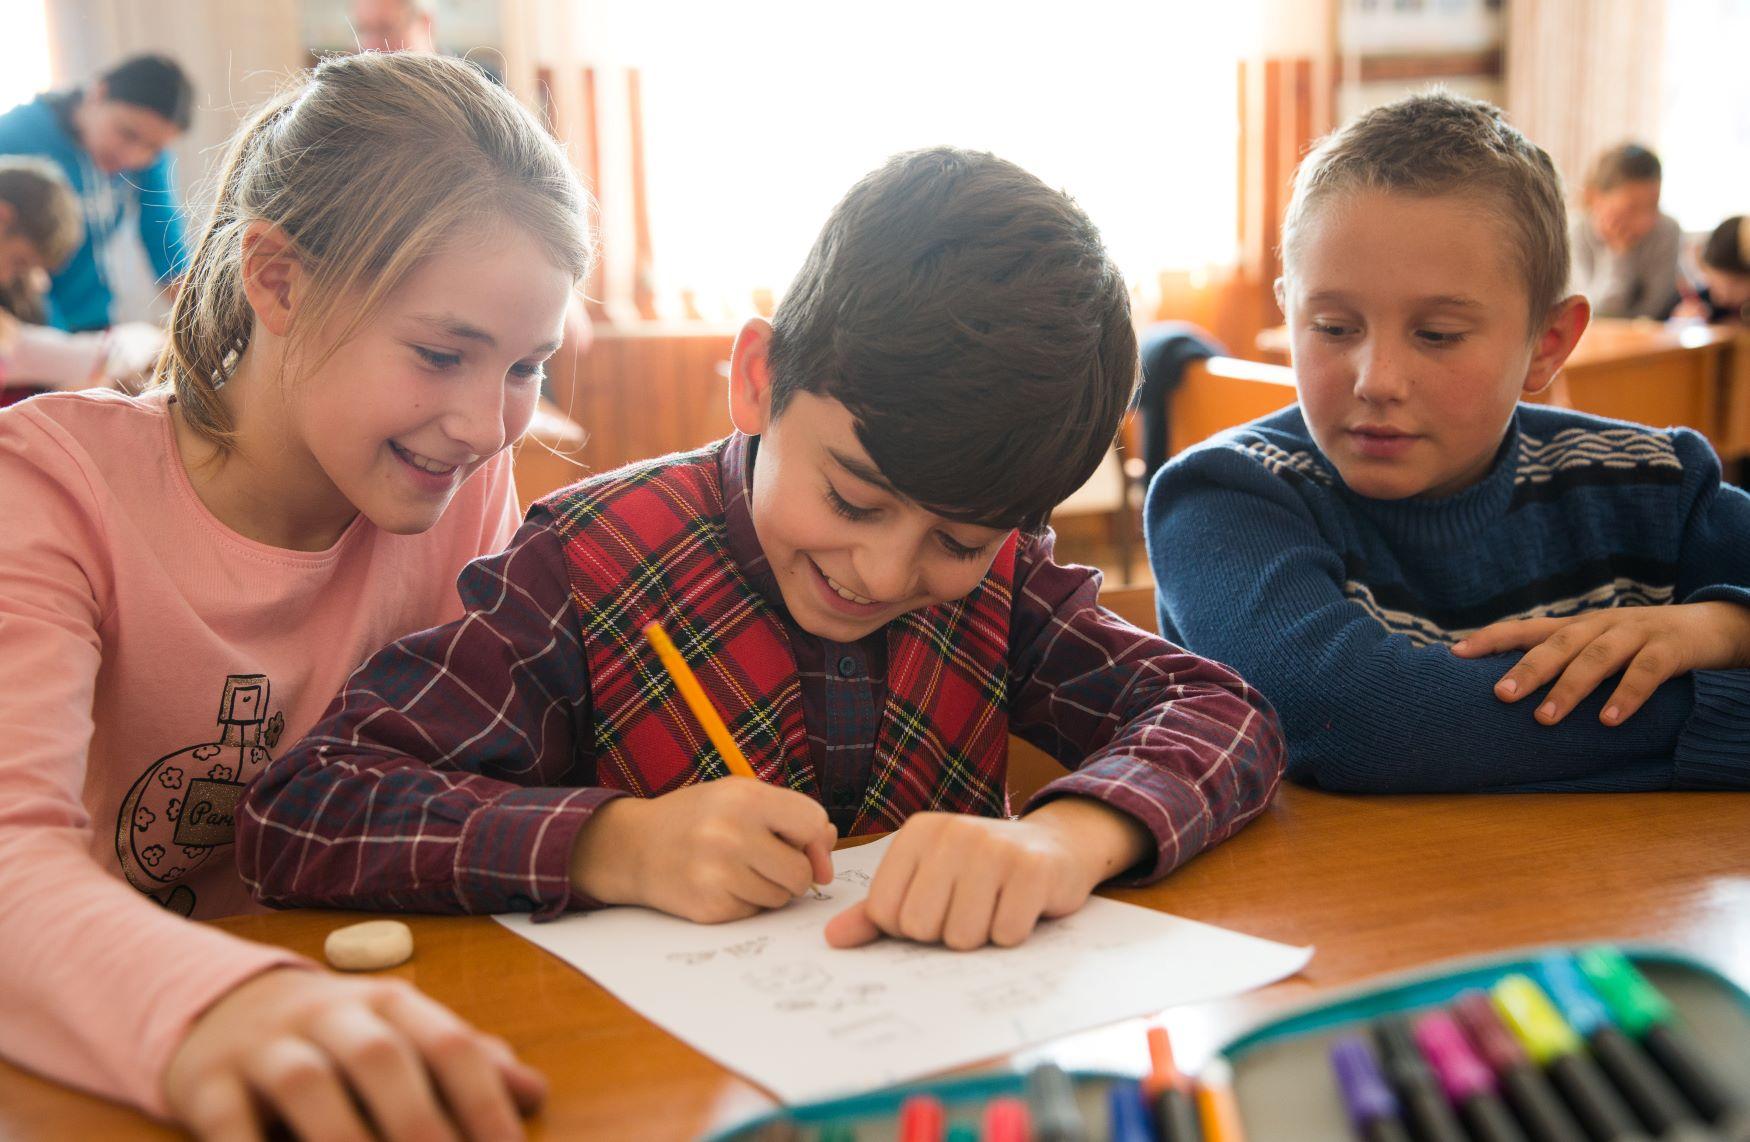 Scrisul de mână îi ajută pe copii să înveţe mai mult